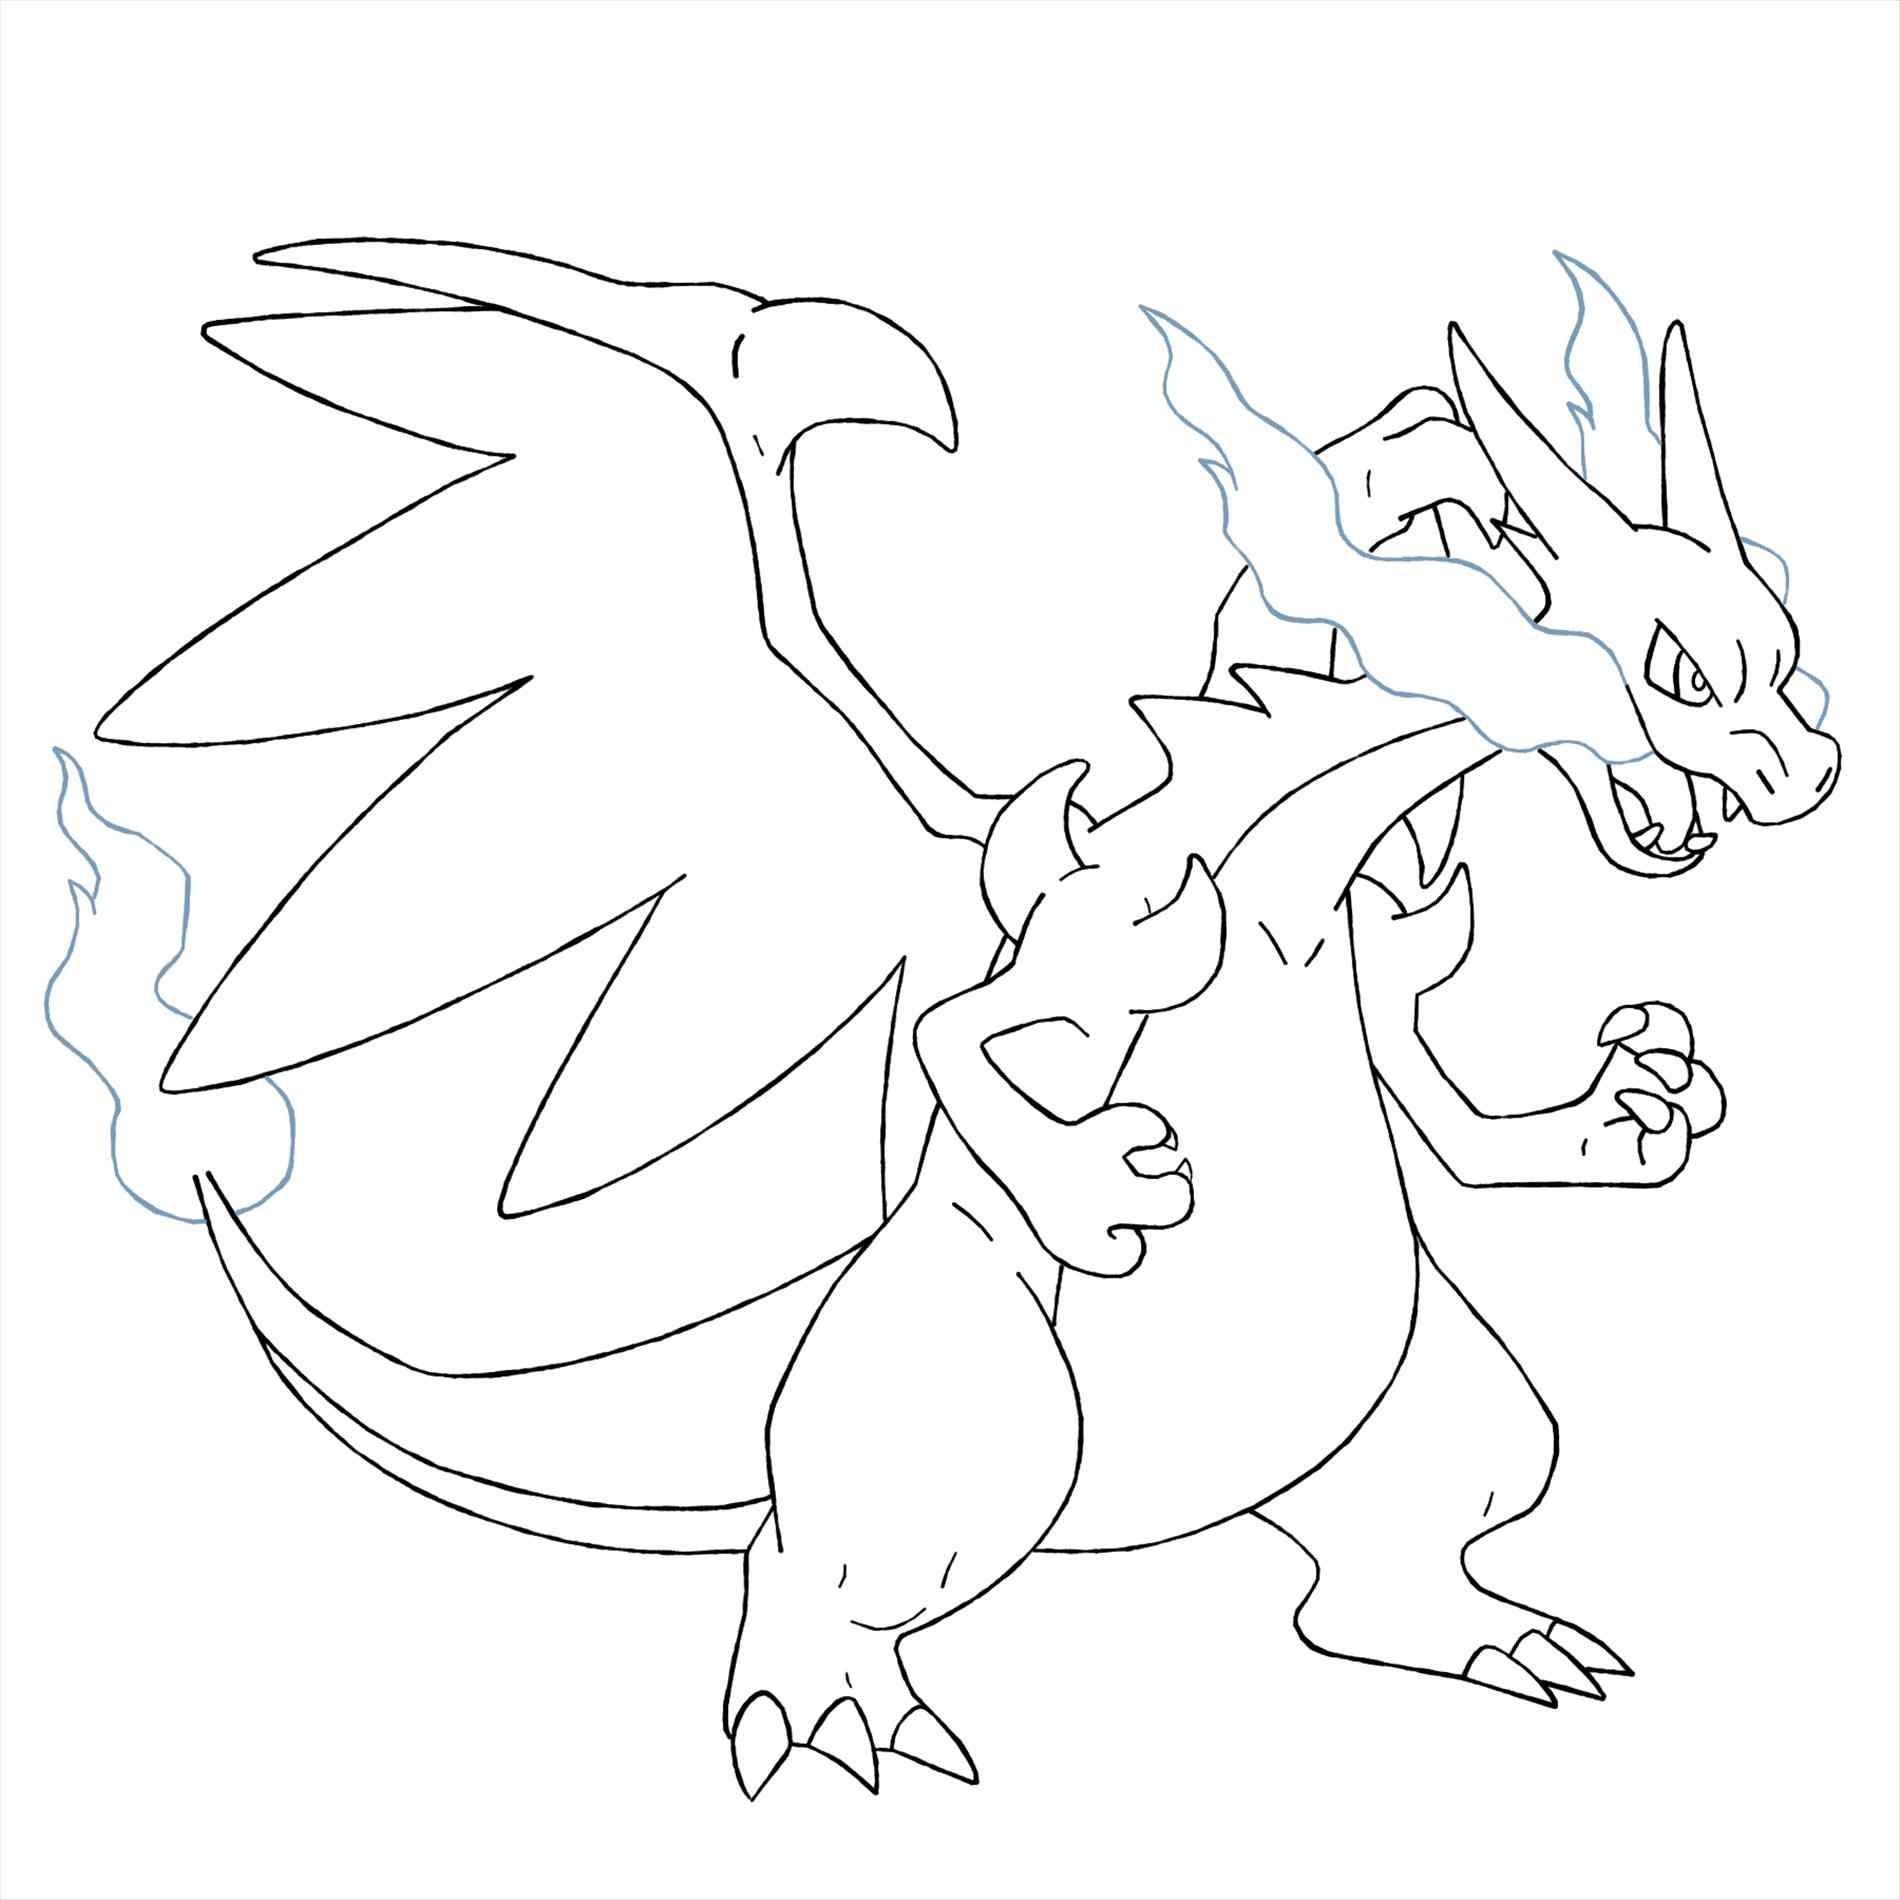 Rayquaza Pokemon Disegni Da Colorare - Colorare Immagini